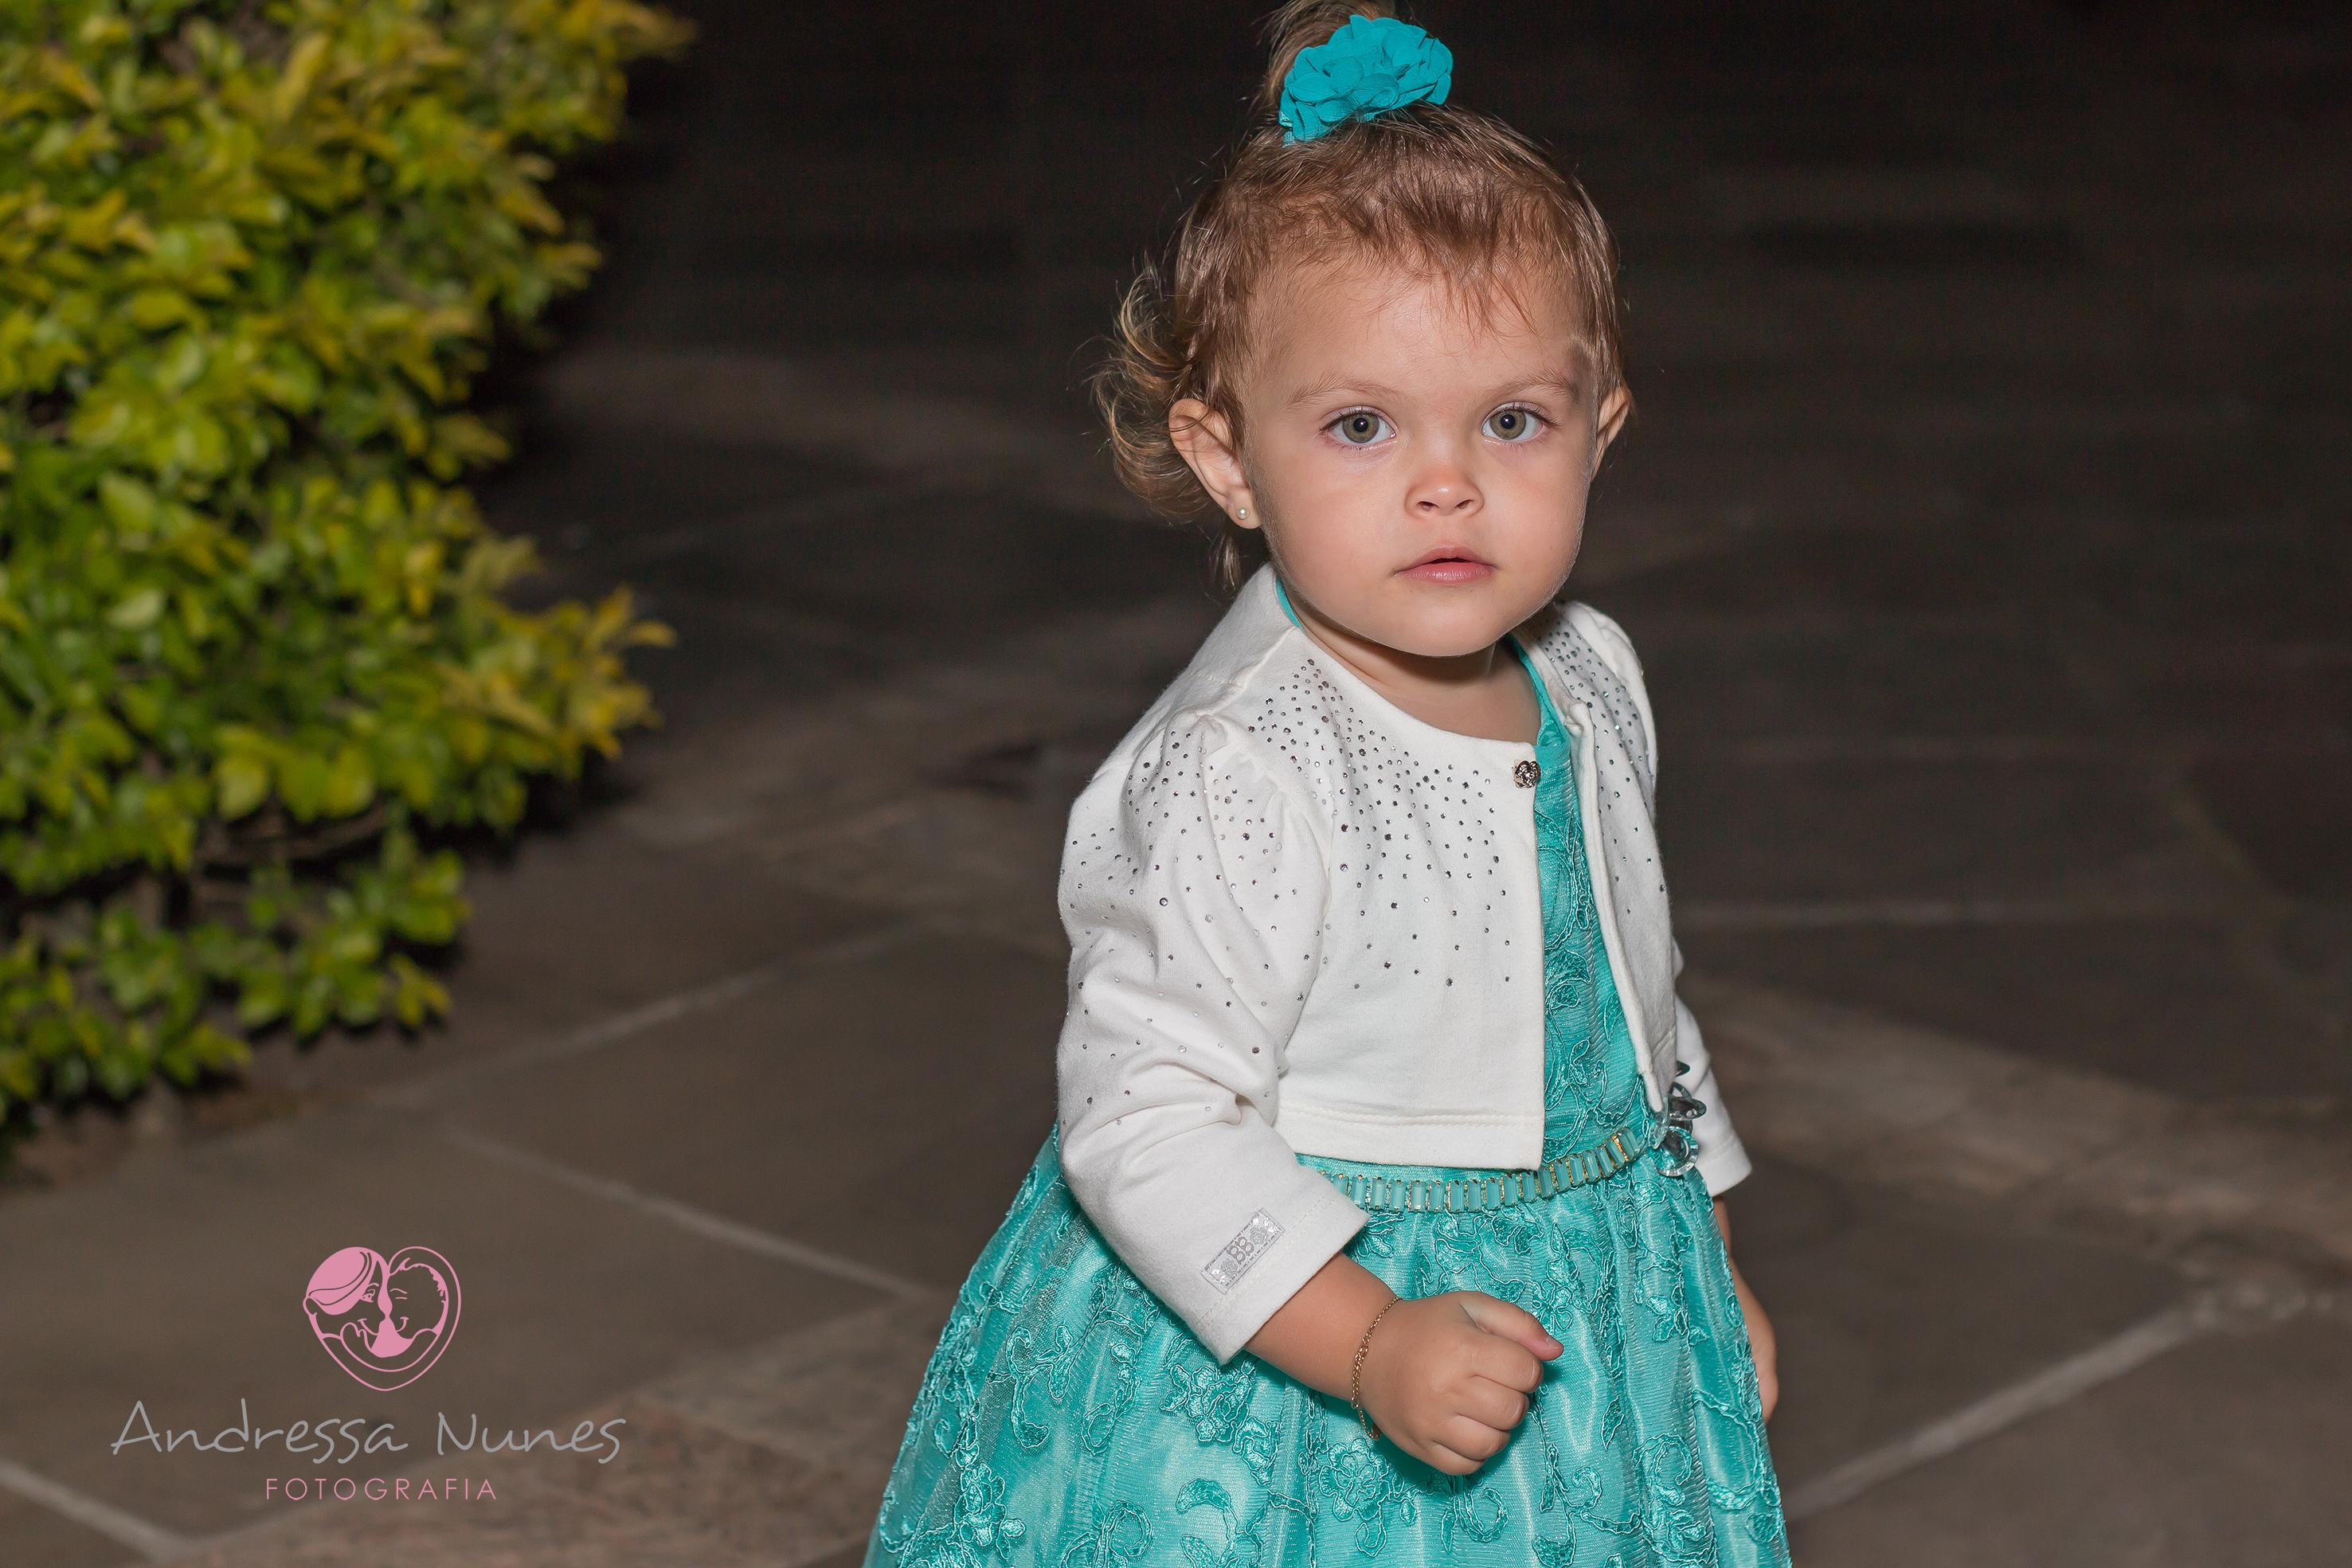 Giovana - Aniversário 2 anos